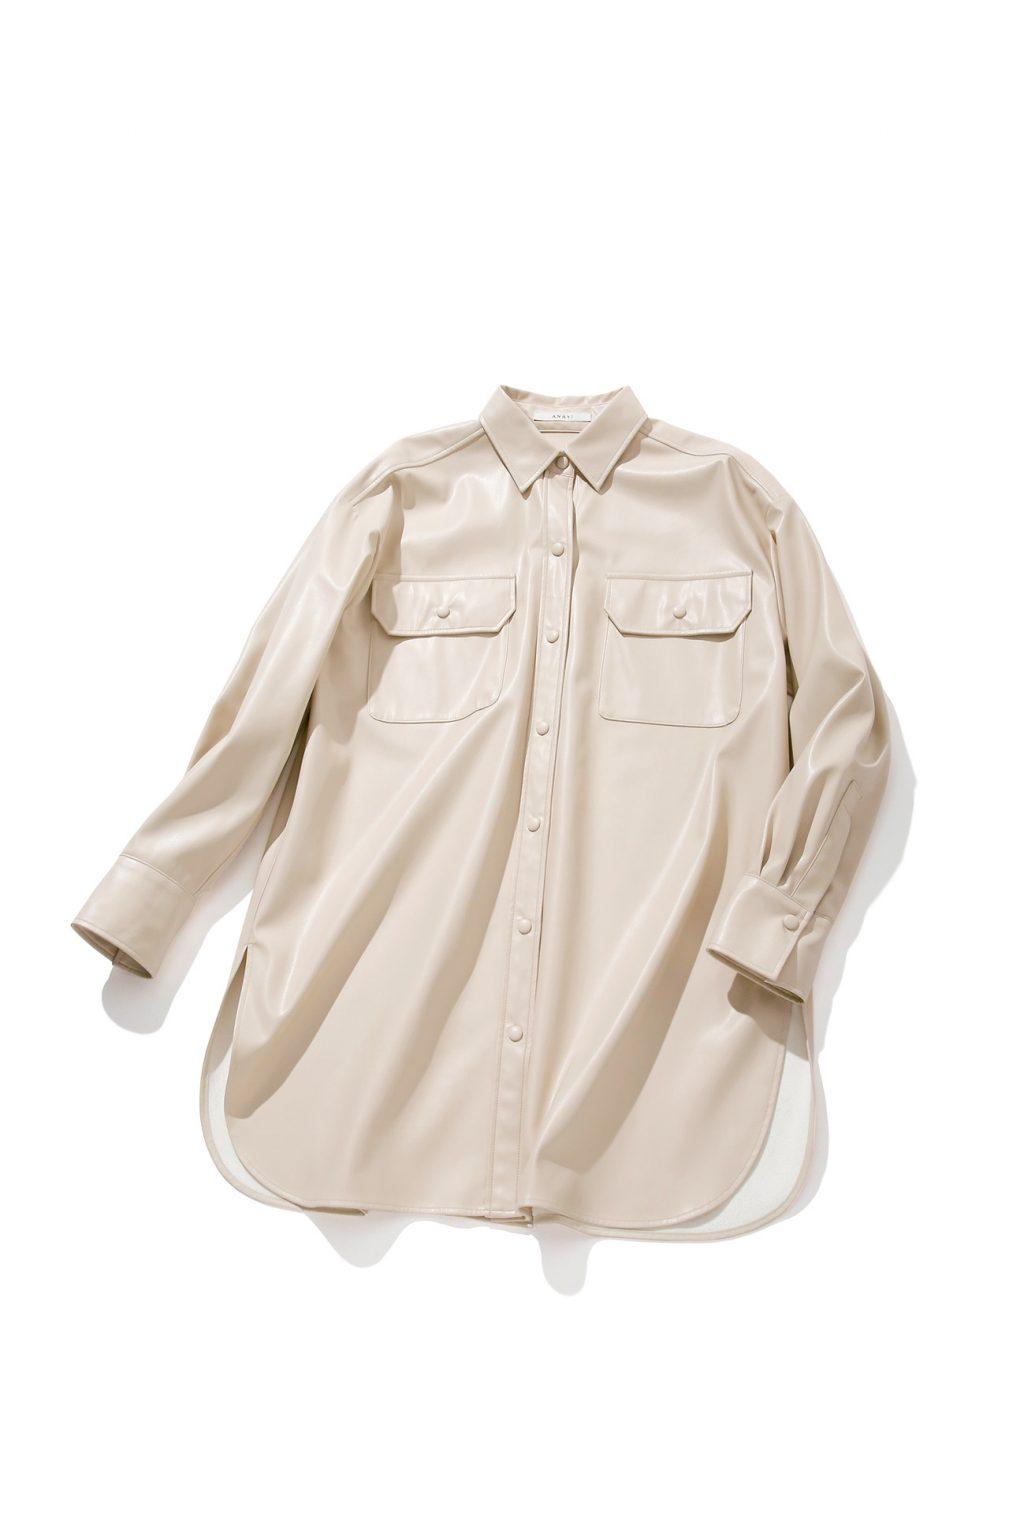 エコレザーのシャツ